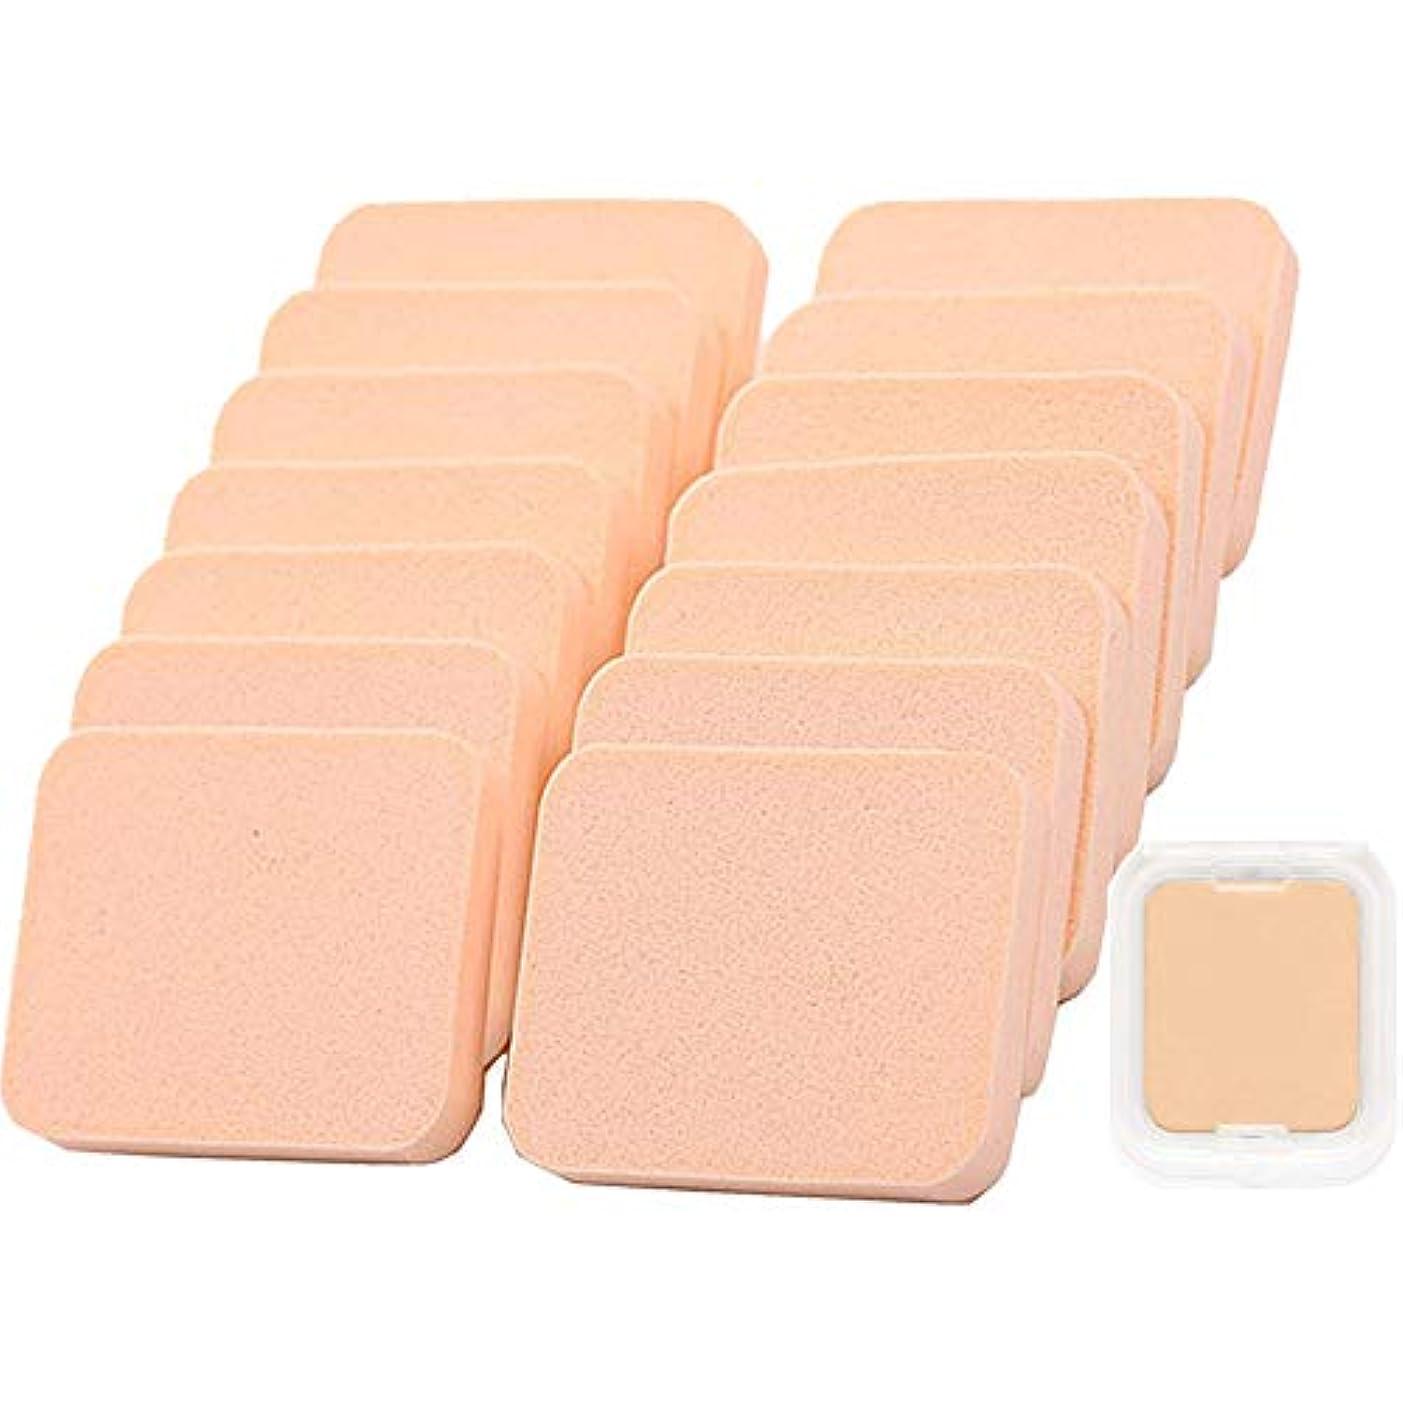 ダムマンモス学生エアパフ Butokal エアクッションパフ クリーム アプリケーター 乾湿兼用 スポンジパフセット フェイシャル 15個入 化粧道具